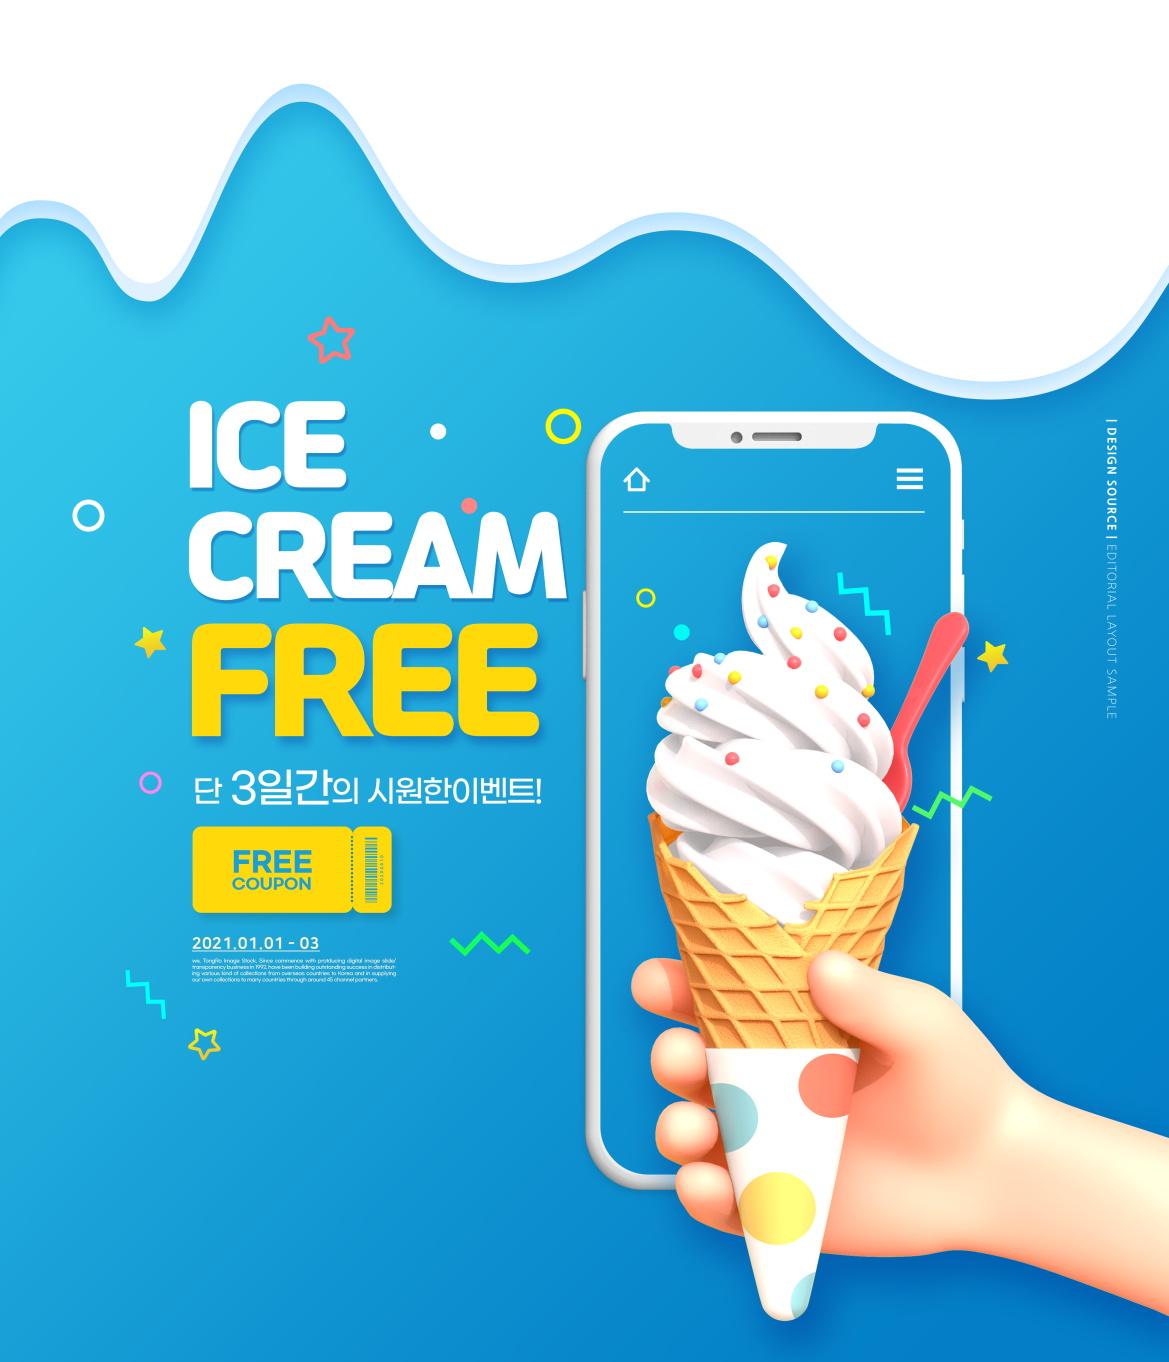 [单独购买] 16款时尚外卖金融手机购物促销海报设计PSD模板素材 Mobile Shopping Promotion Poster插图10